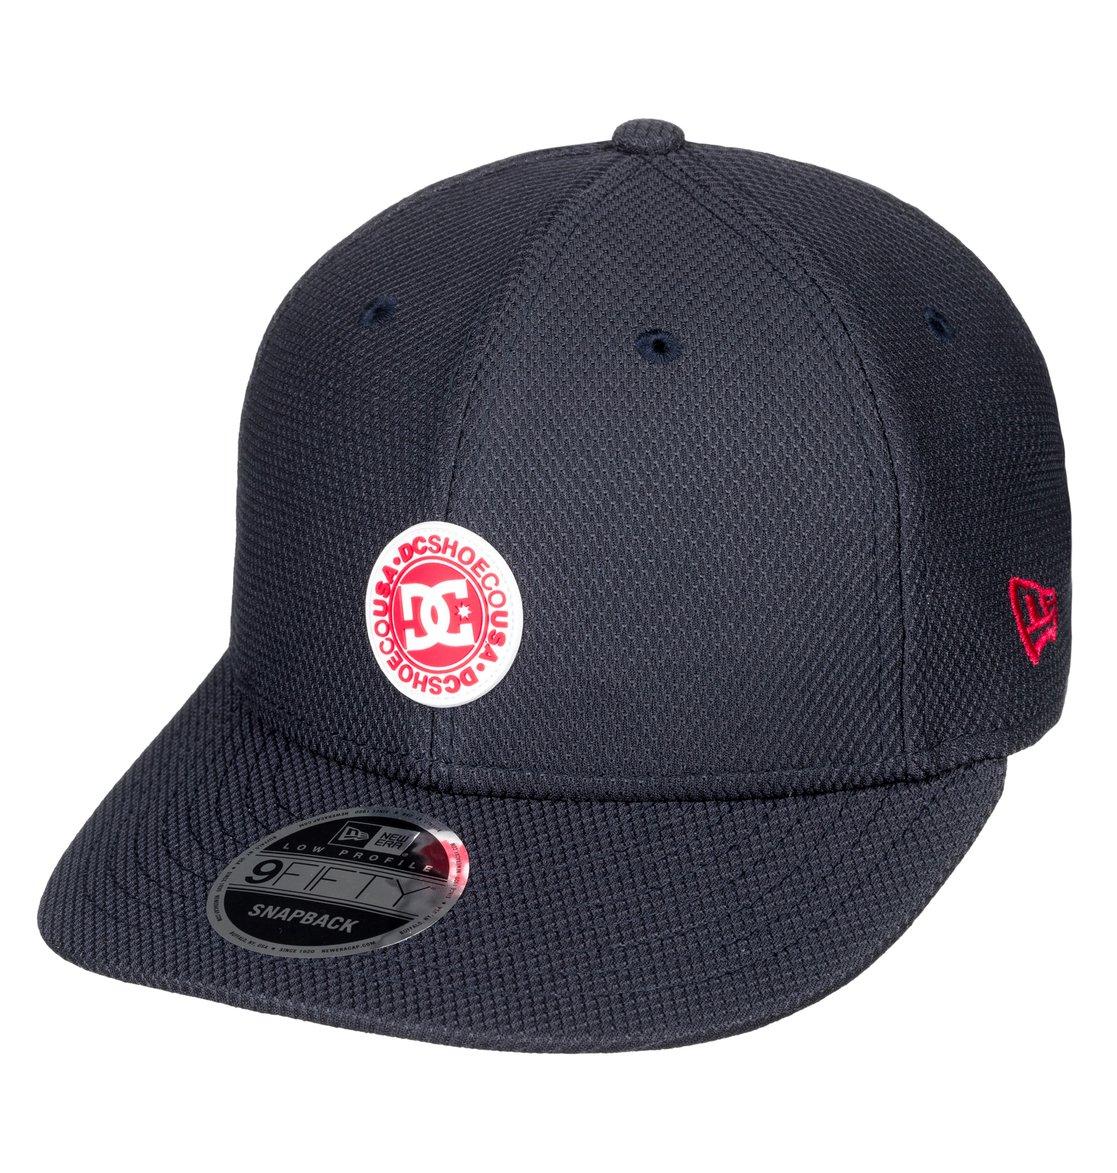 9f1ec7fc1 Low Liner Snapback Hat